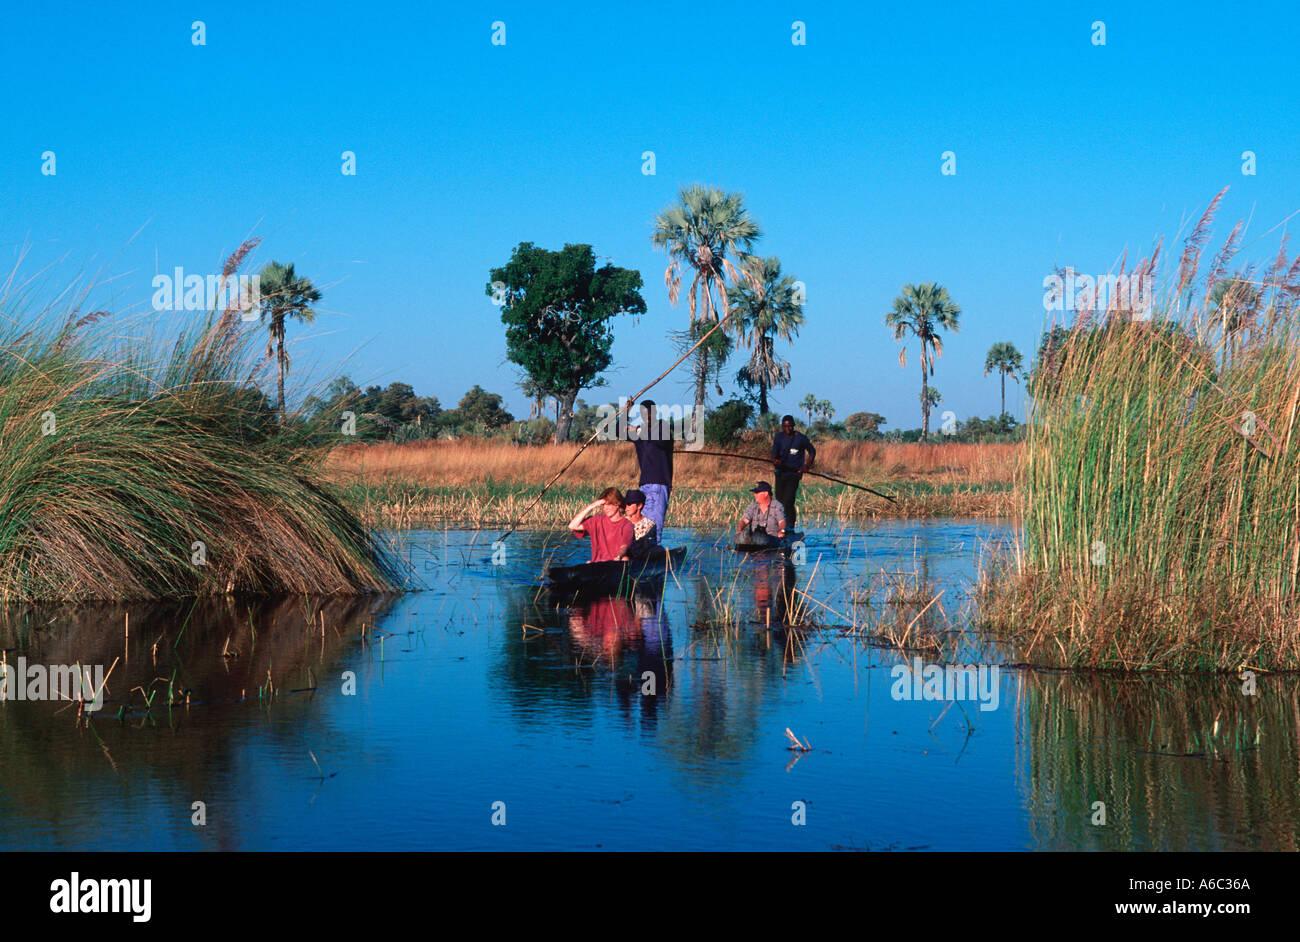 Botswana people Bayei mokoro polers transport tourists along the channels of the Okovango Delta Okovango Botswana - Stock Image